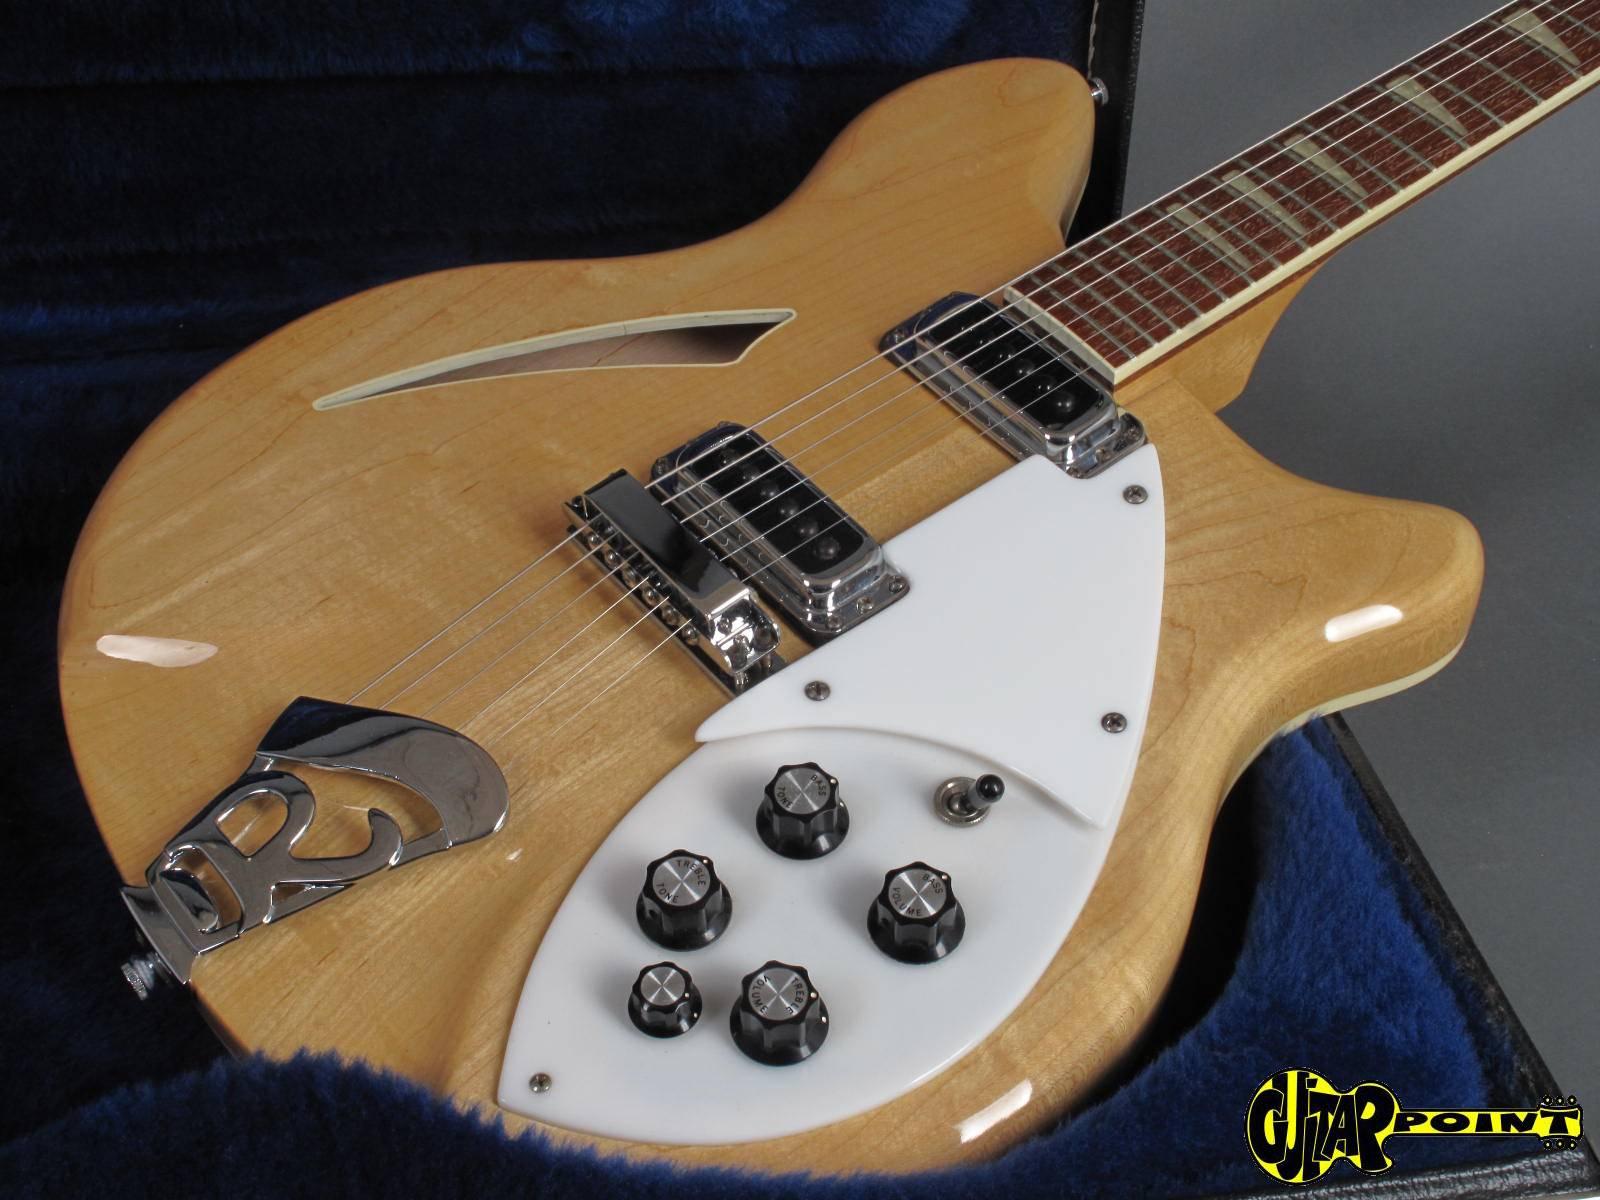 https://guitarpoint.de/app/uploads/products/1976-rickenbacker-360-mapleglo/Rickenbacker76_360MG_PG5345_17.jpg